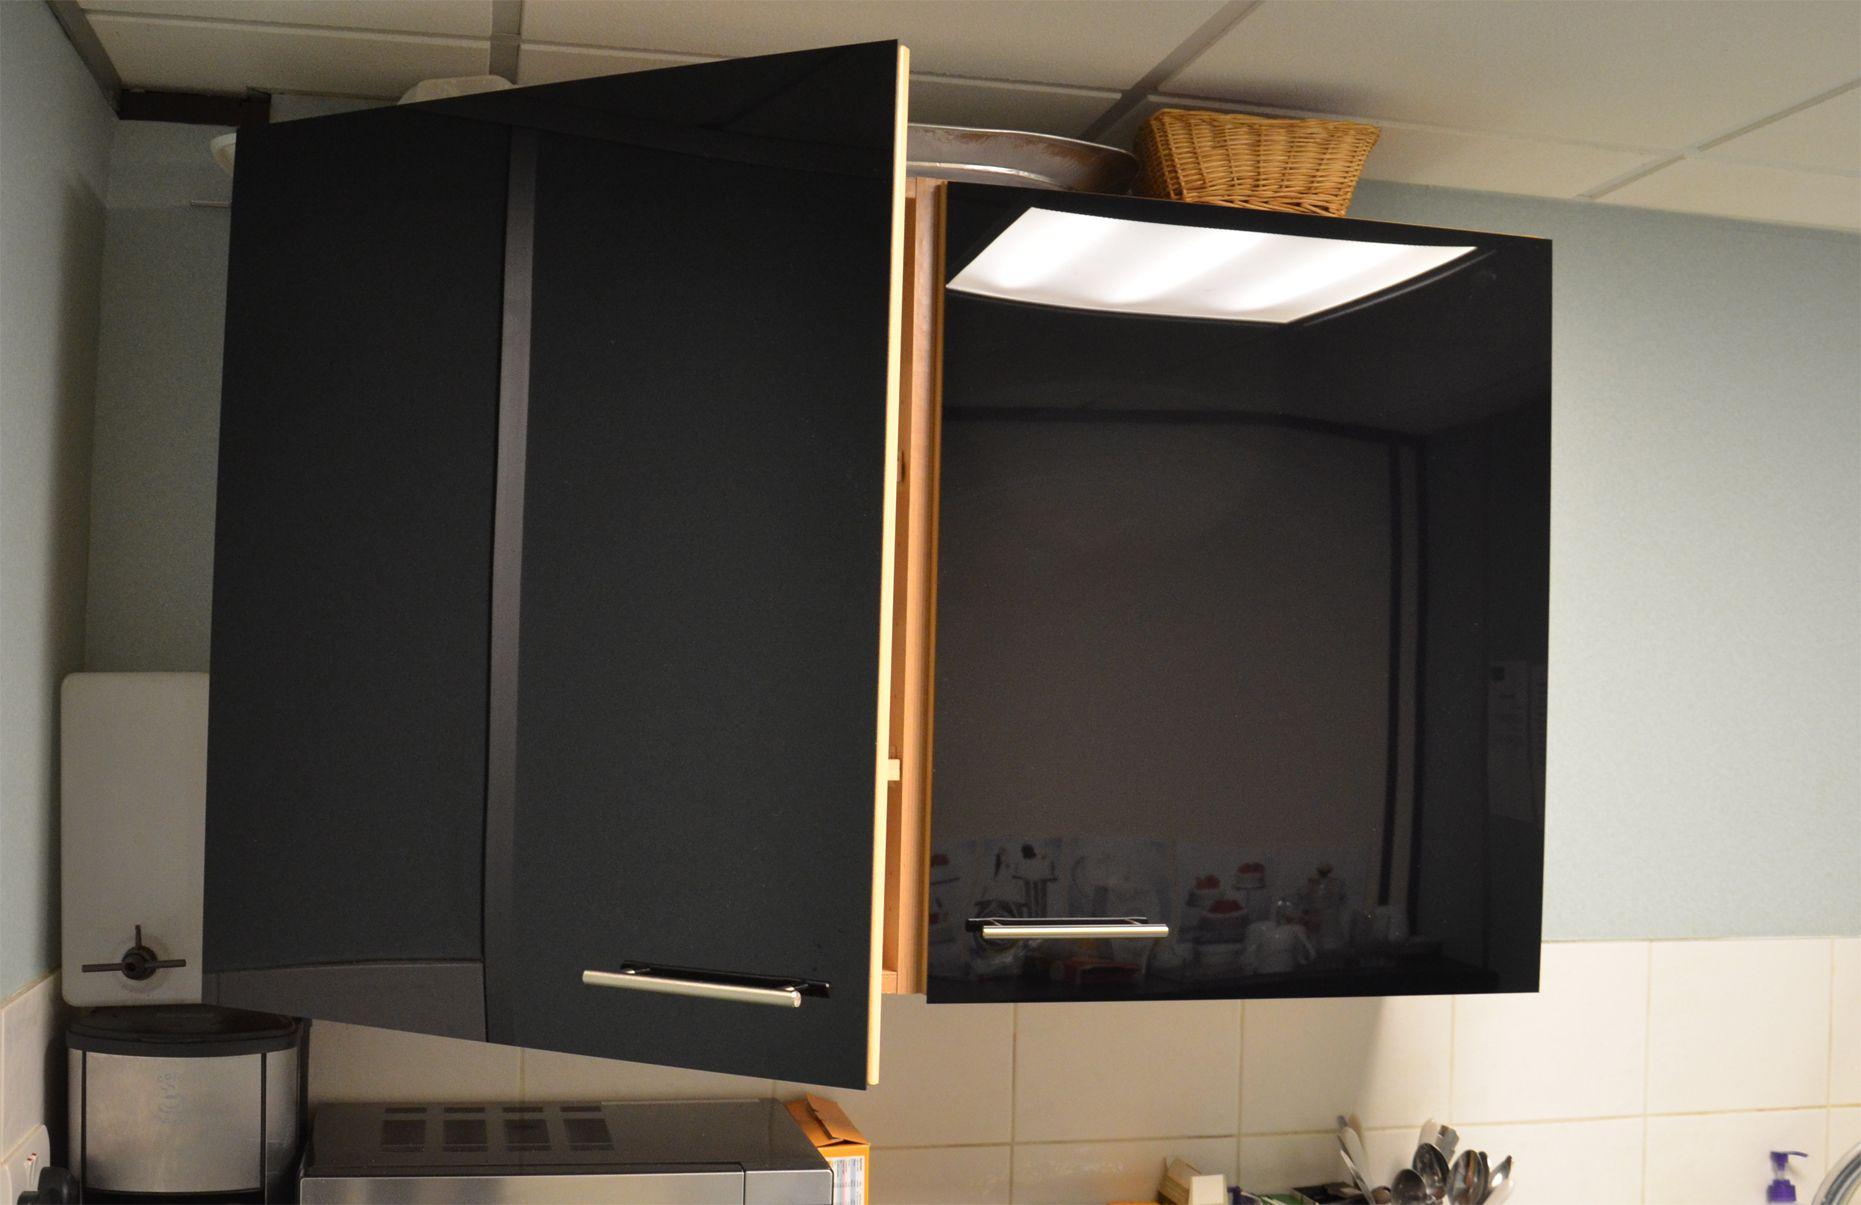 Acrylic Kitchen Doors Using Brand New Door Skin On Cabinets Cupboards Cabinet Doors For Sale Replacement Kitchen Cabinet Doors Used Kitchen Cabinets